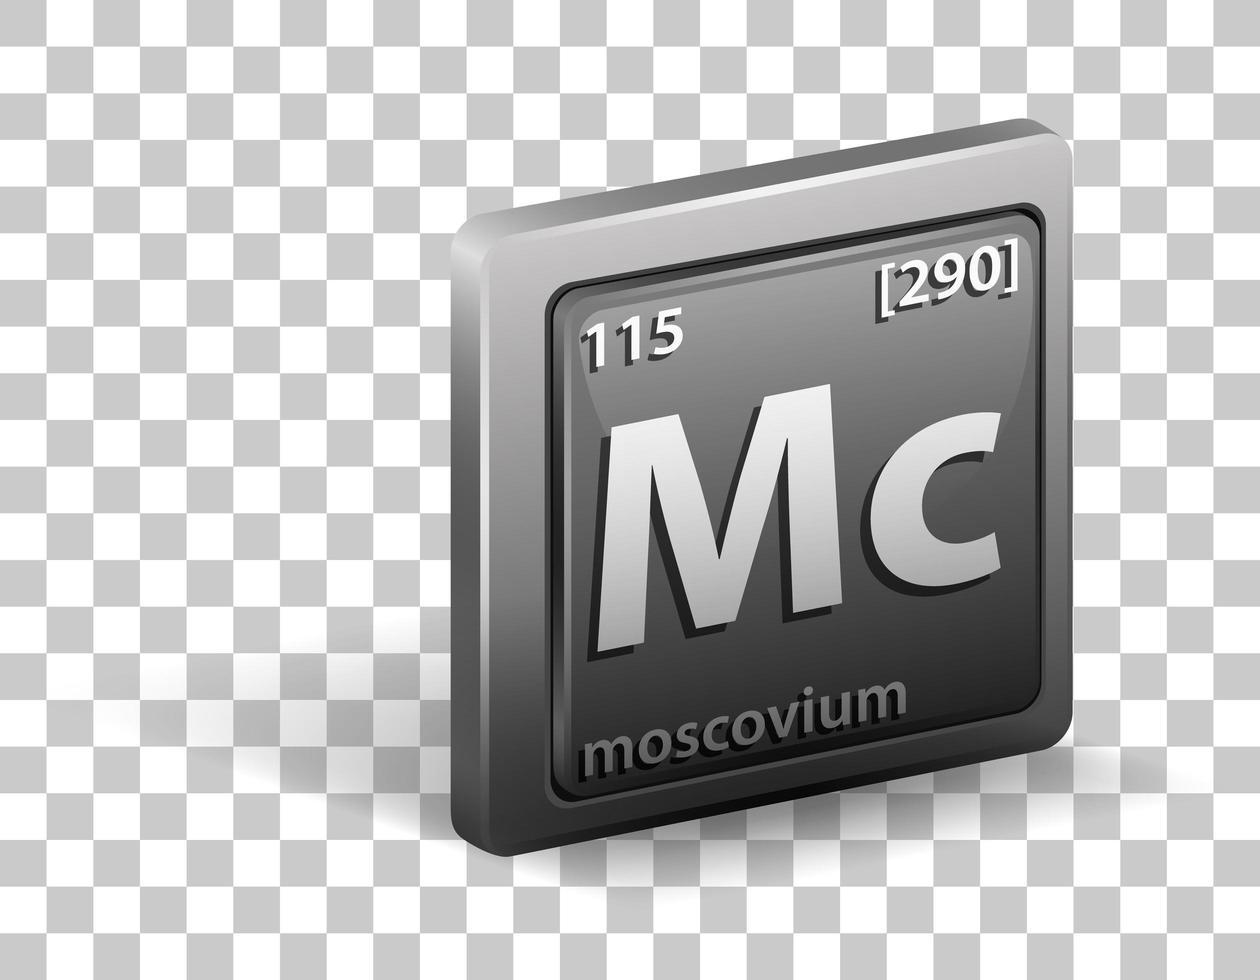 moscovium kemiska element. kemisk symbol med atomnummer och atommassa. vektor